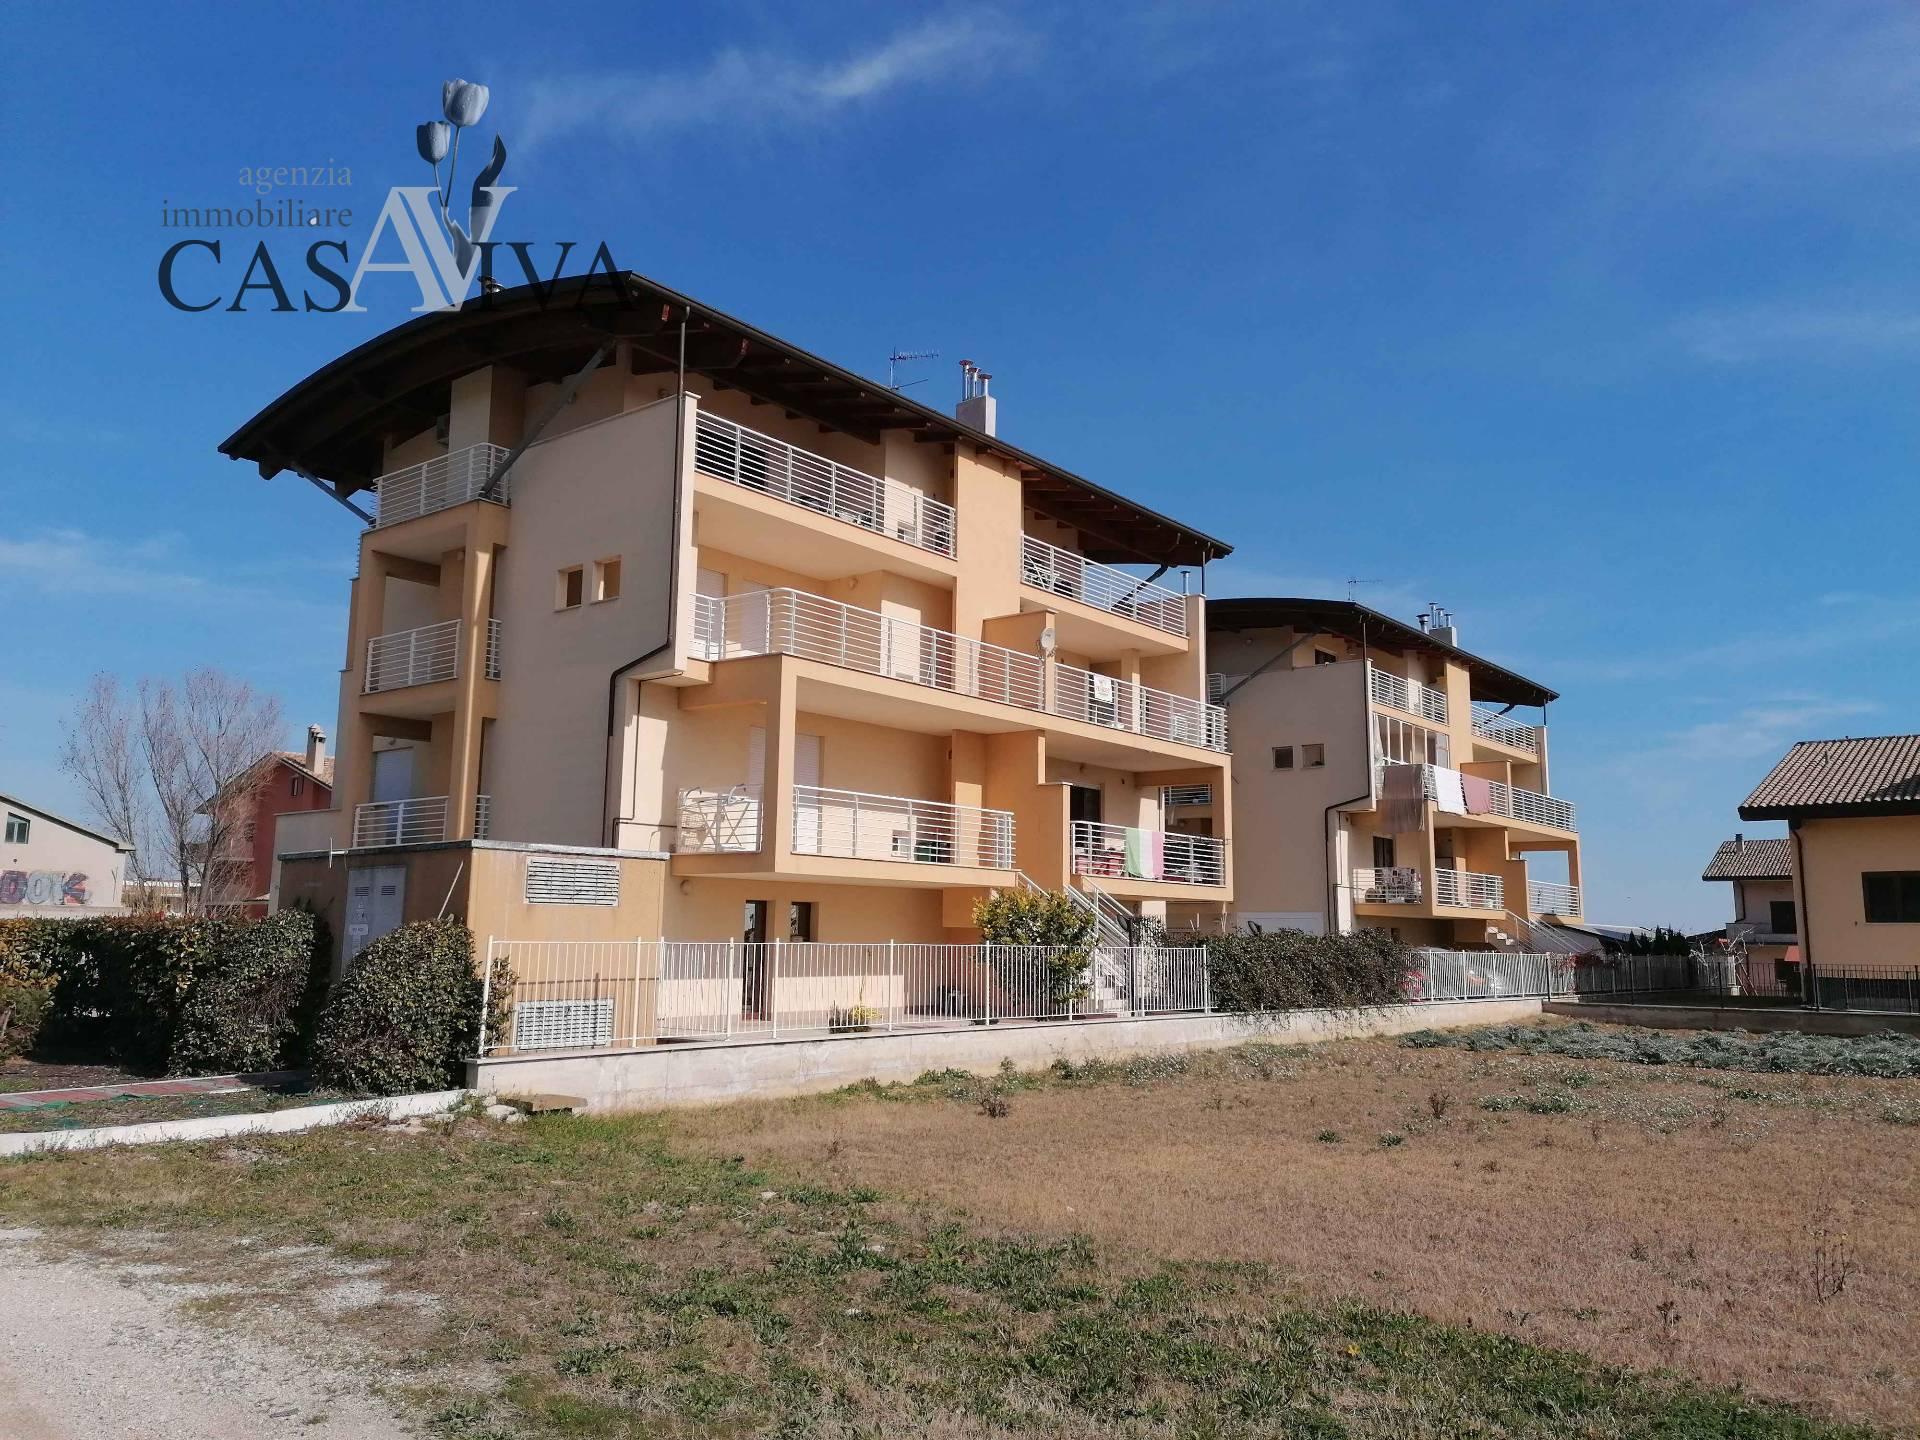 Appartamento in vendita a Martinsicuro, 3 locali, zona Località: VillaRosa, prezzo € 111.000 | PortaleAgenzieImmobiliari.it